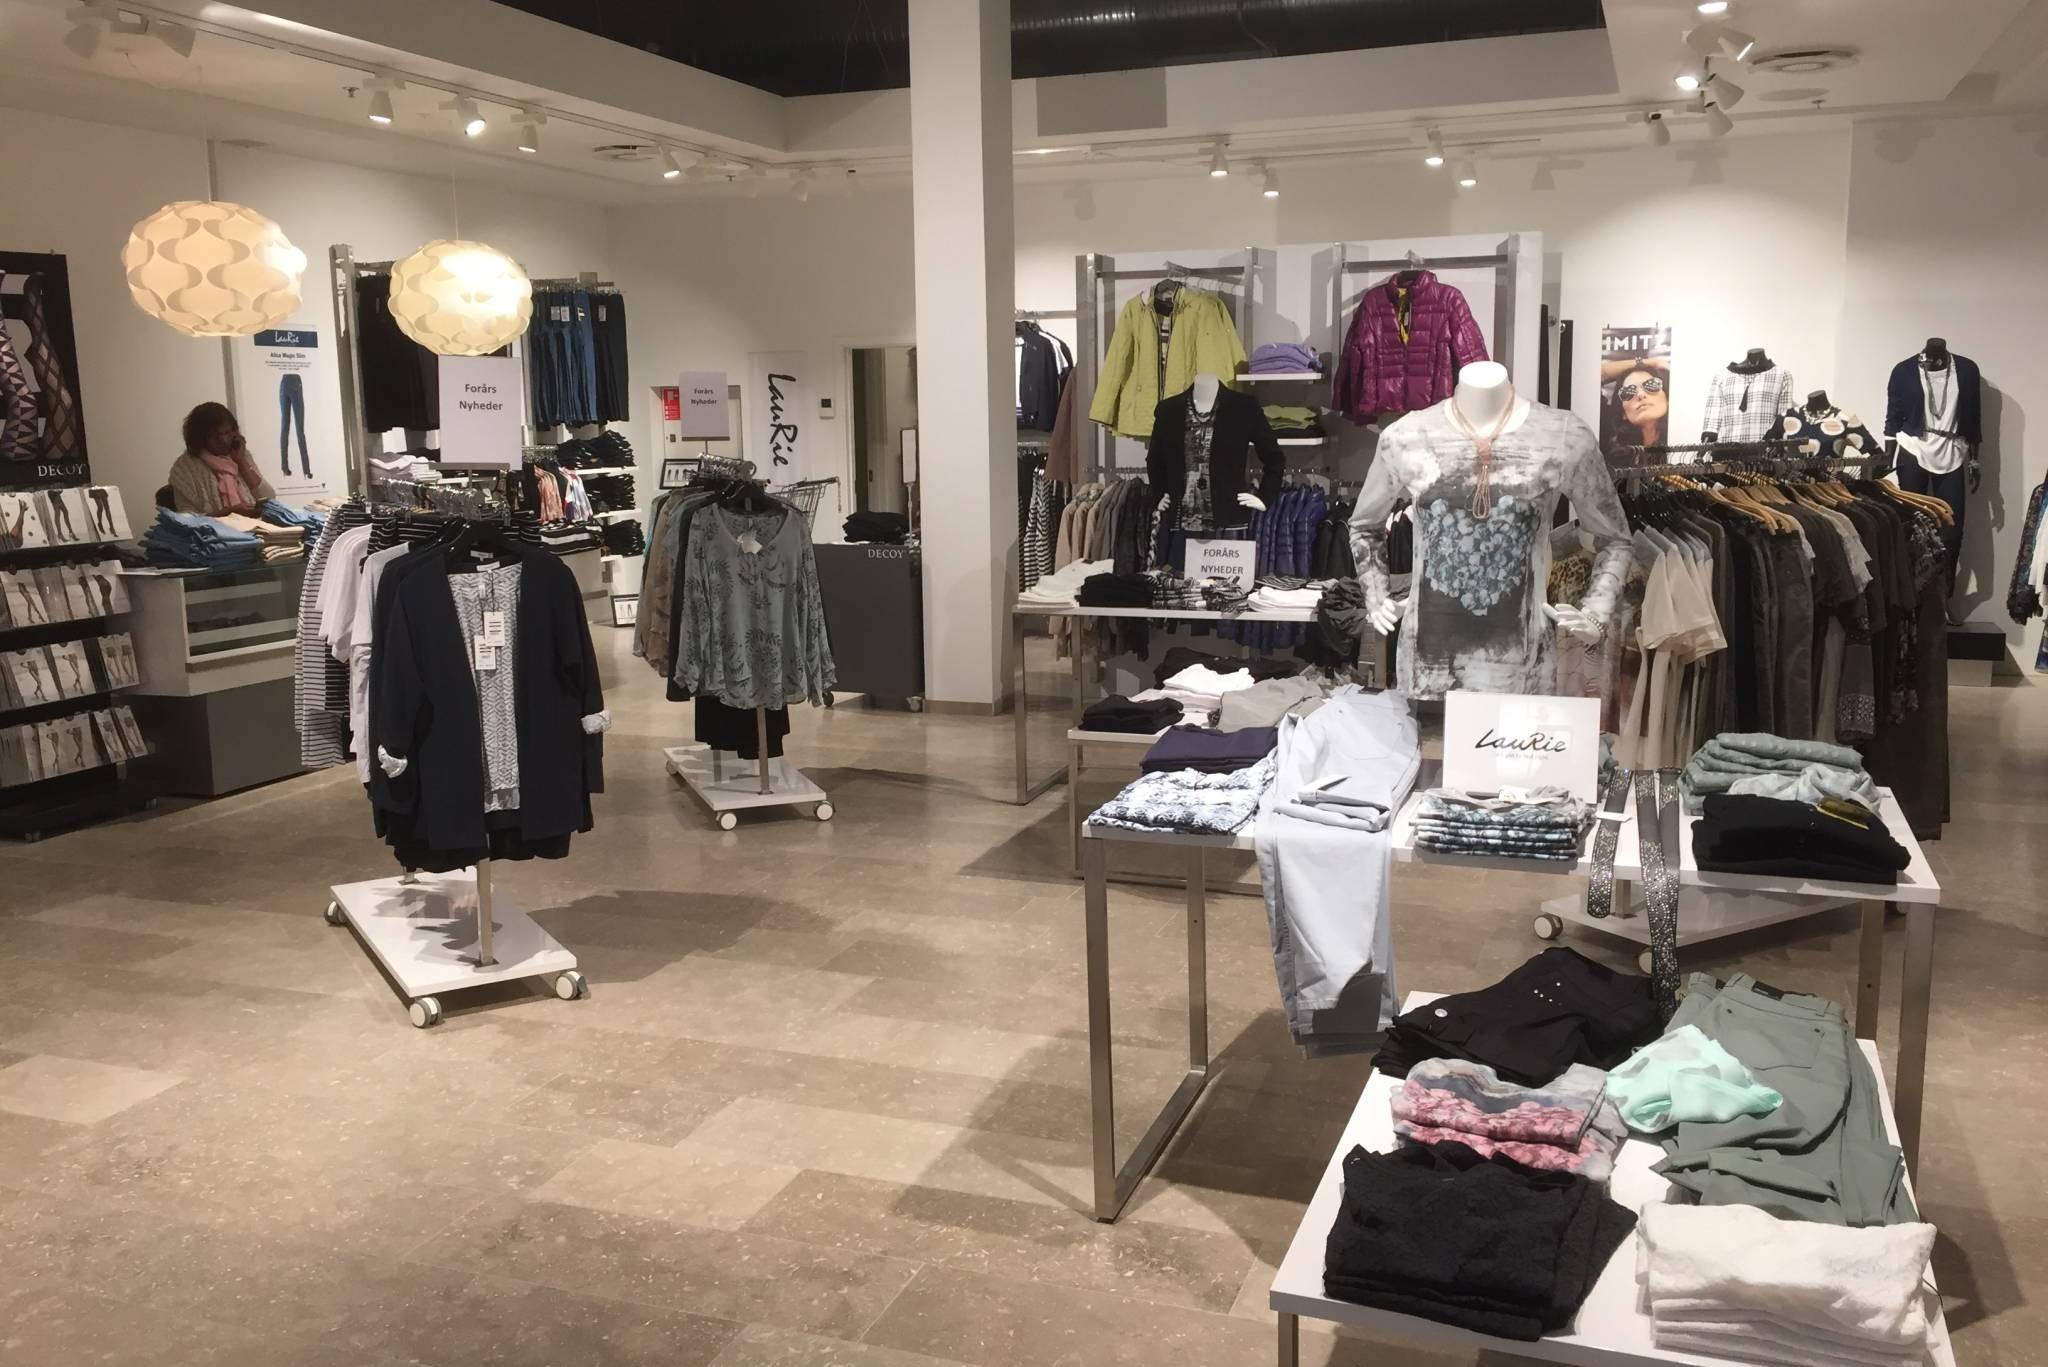 Butiksindretningen skaber rammerne for butiksindretningen